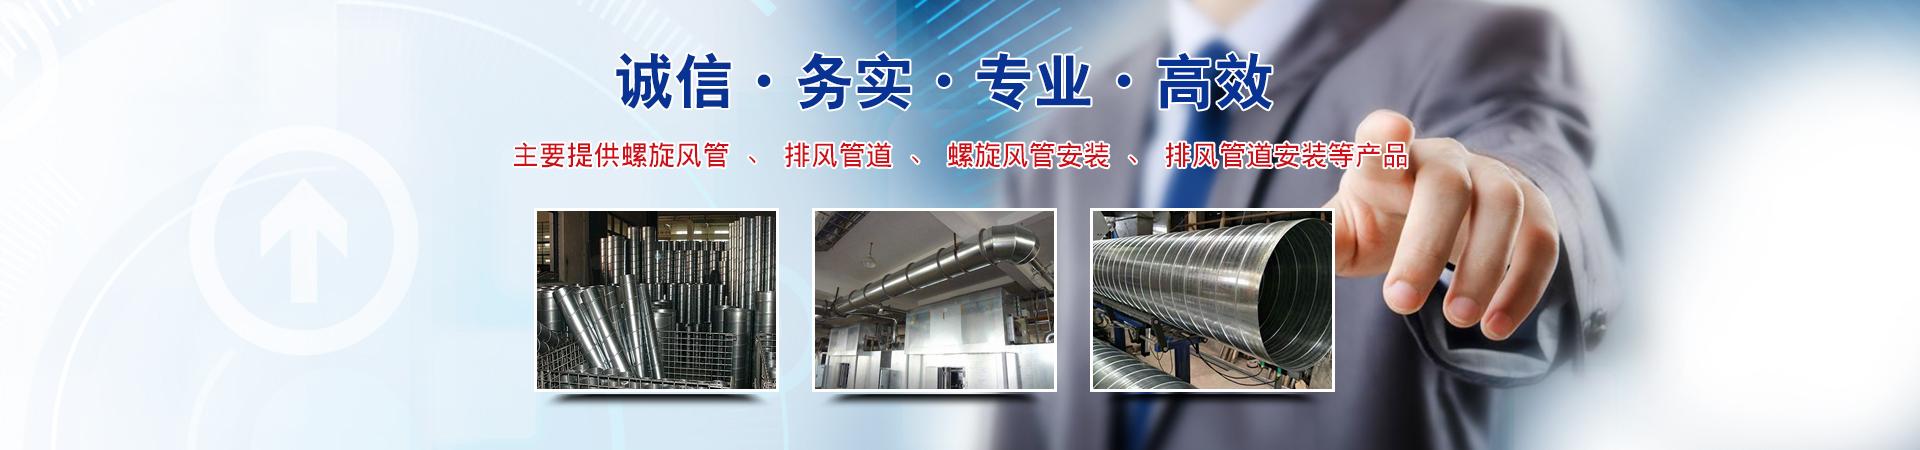 武汉螺旋风管公司